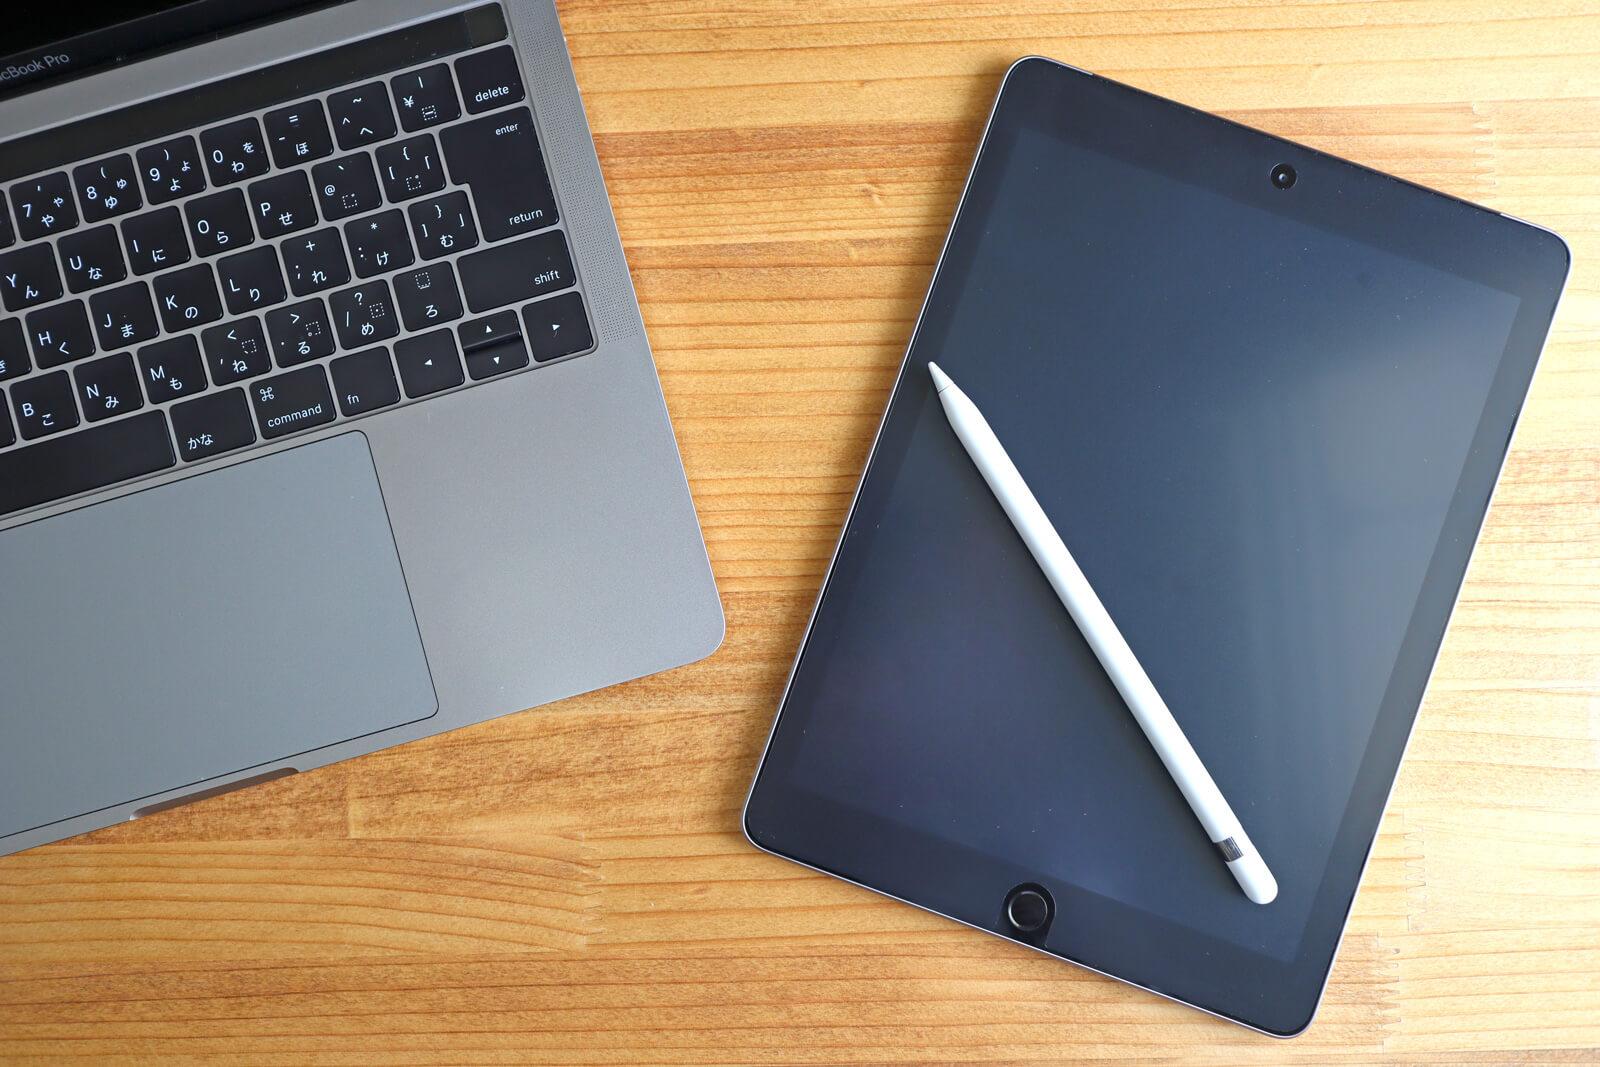 なぜこのタイミングでiPad Proではなく無印iPadなのか